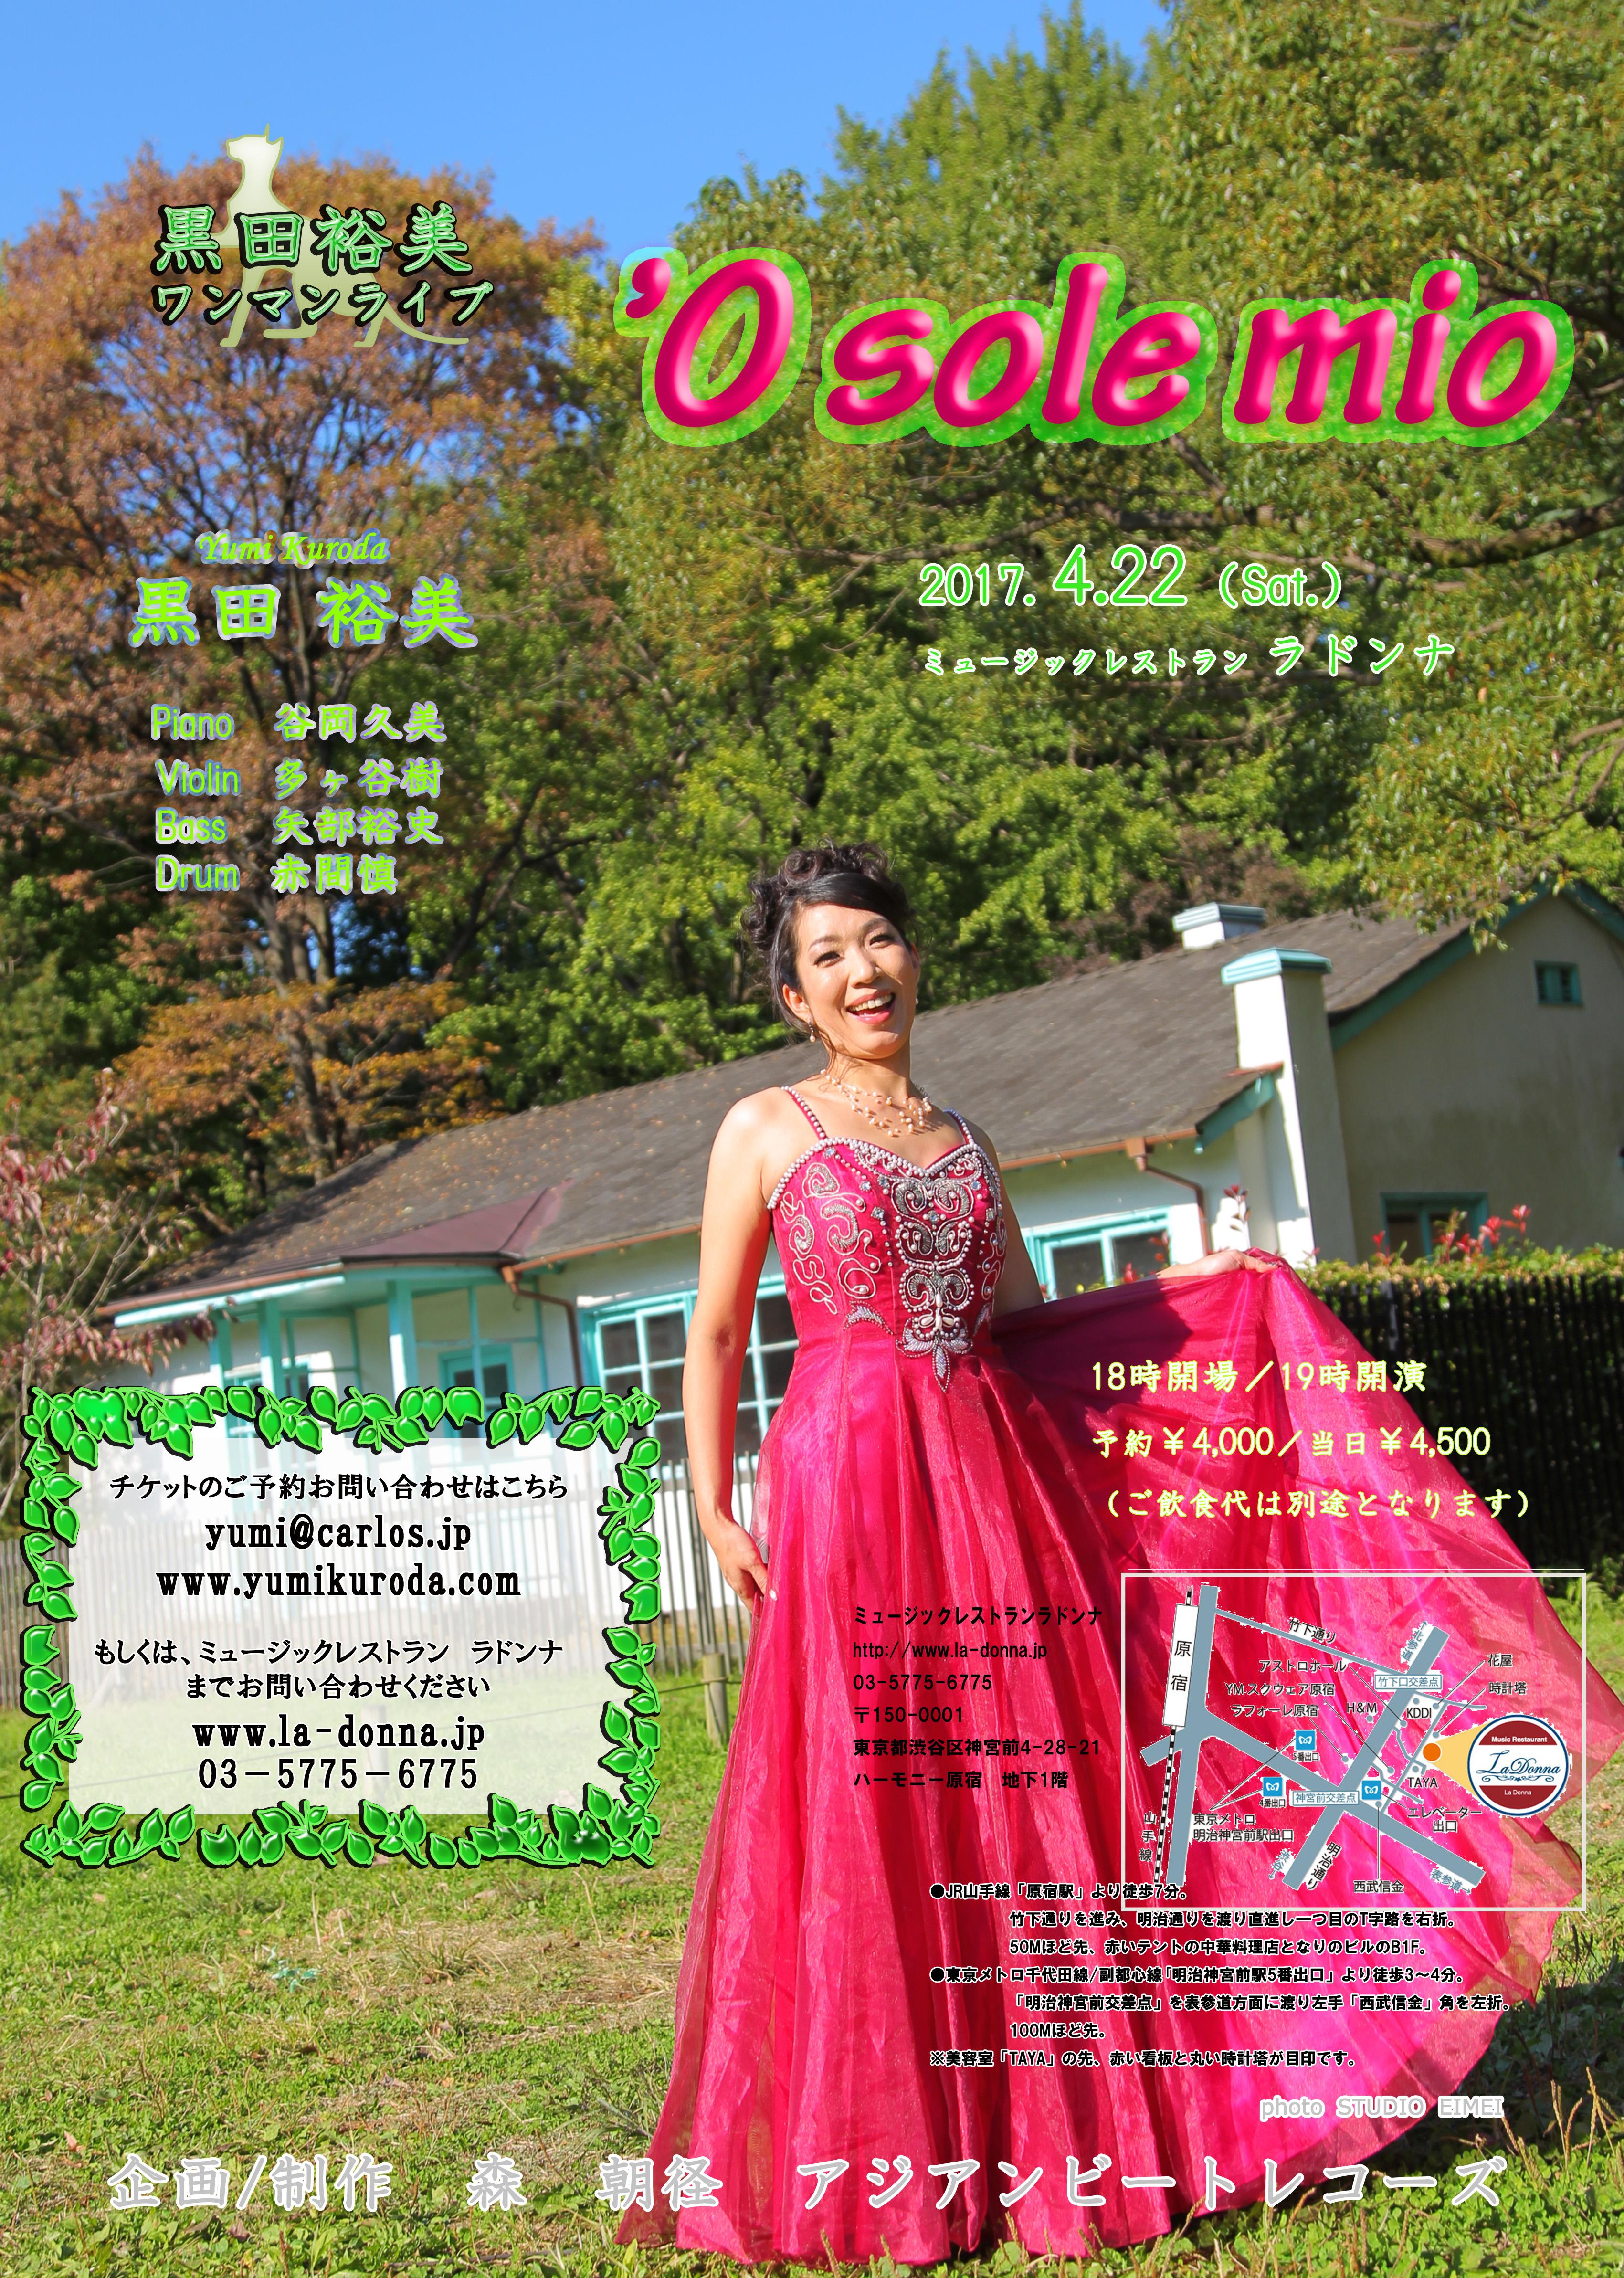 黒田裕美ワンマンライブ 'O sole mio